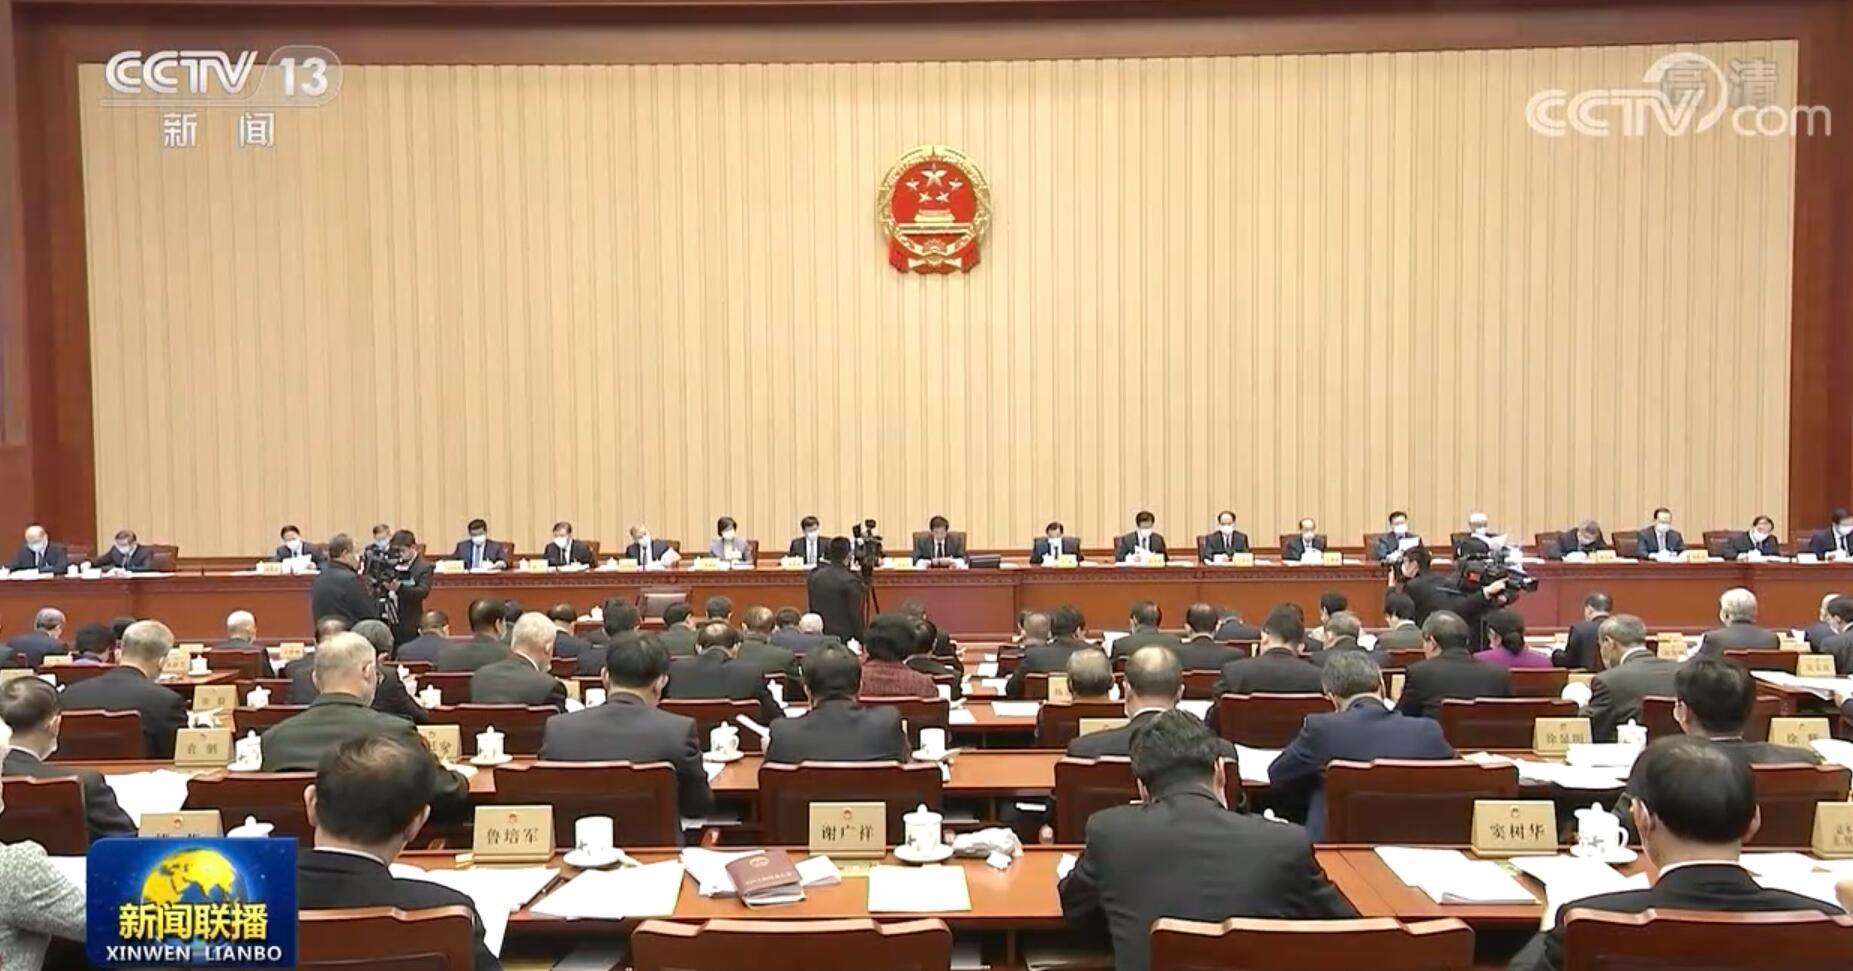 十三届全国人大常委会第二十六次会议在京举行